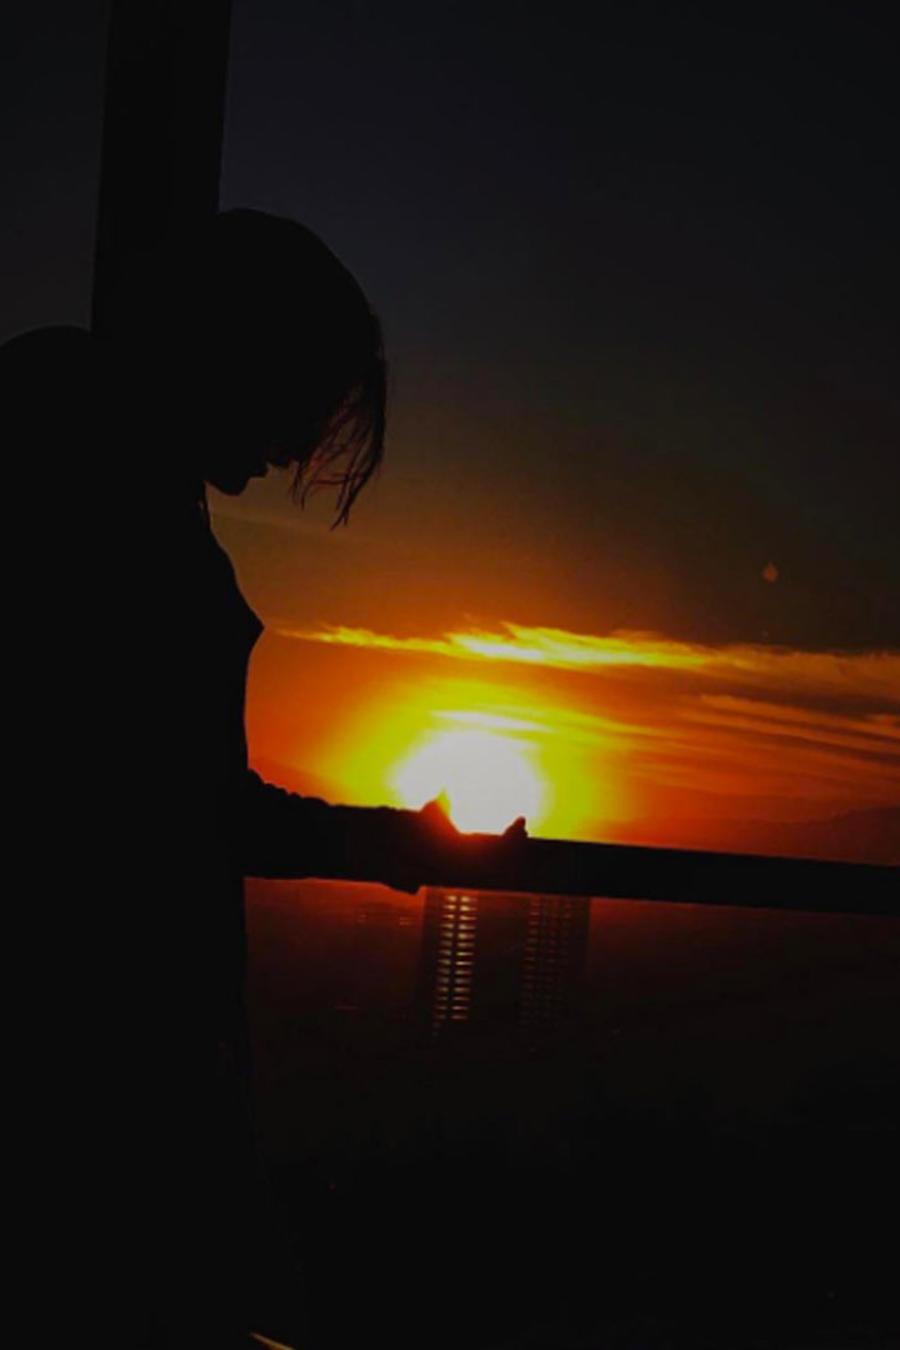 foto de amanecer